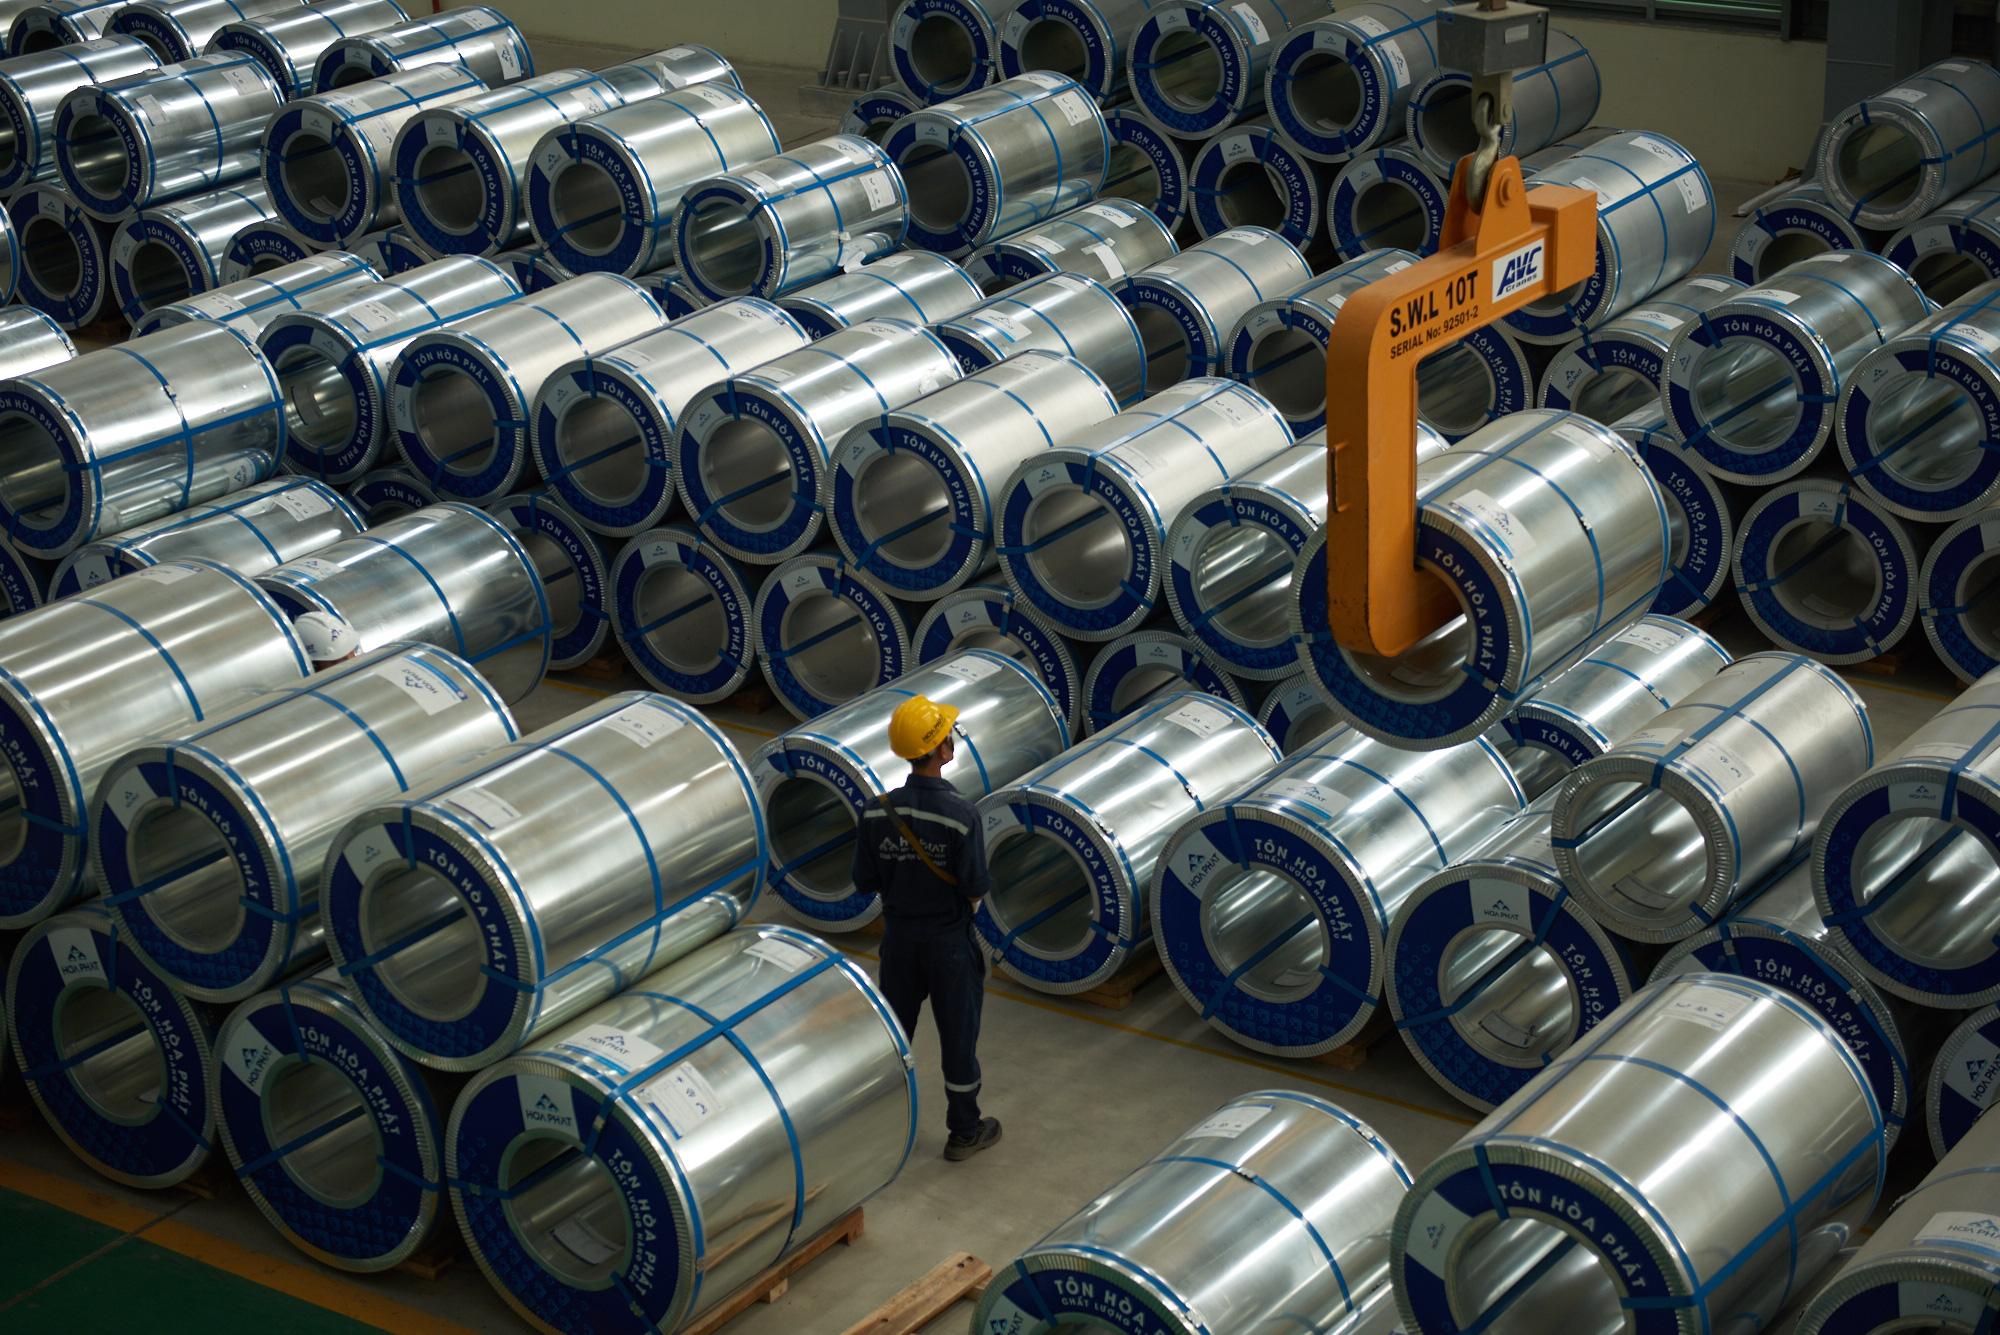 Các mã HS hàng hóa bị áp thuế chống bán phá giá khi nhập khẩu vào Việt Nam (cập nhật đến tháng 12/2020)